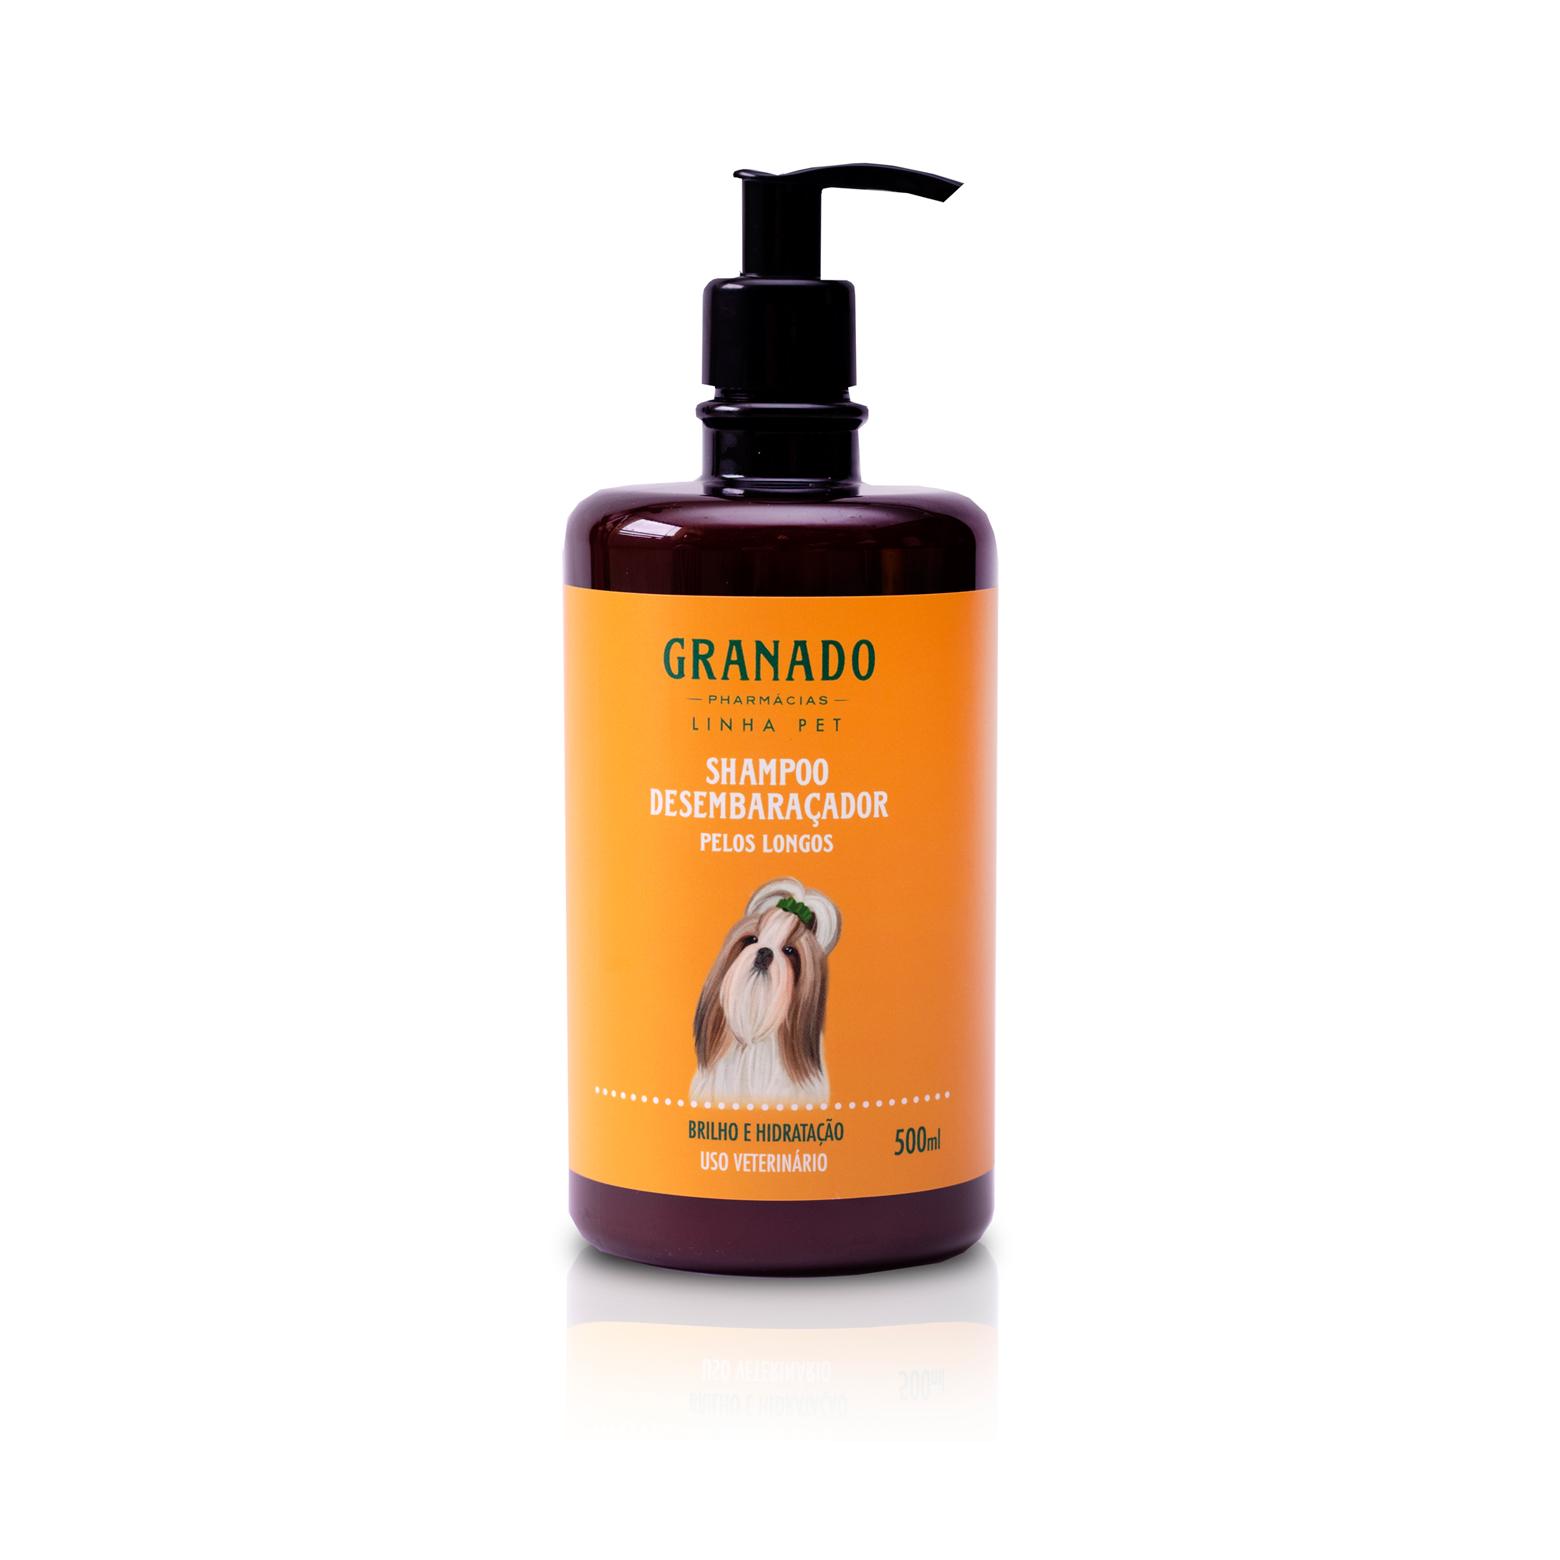 Shampoo Desembaraçador Pelos Longos 500ml Granado